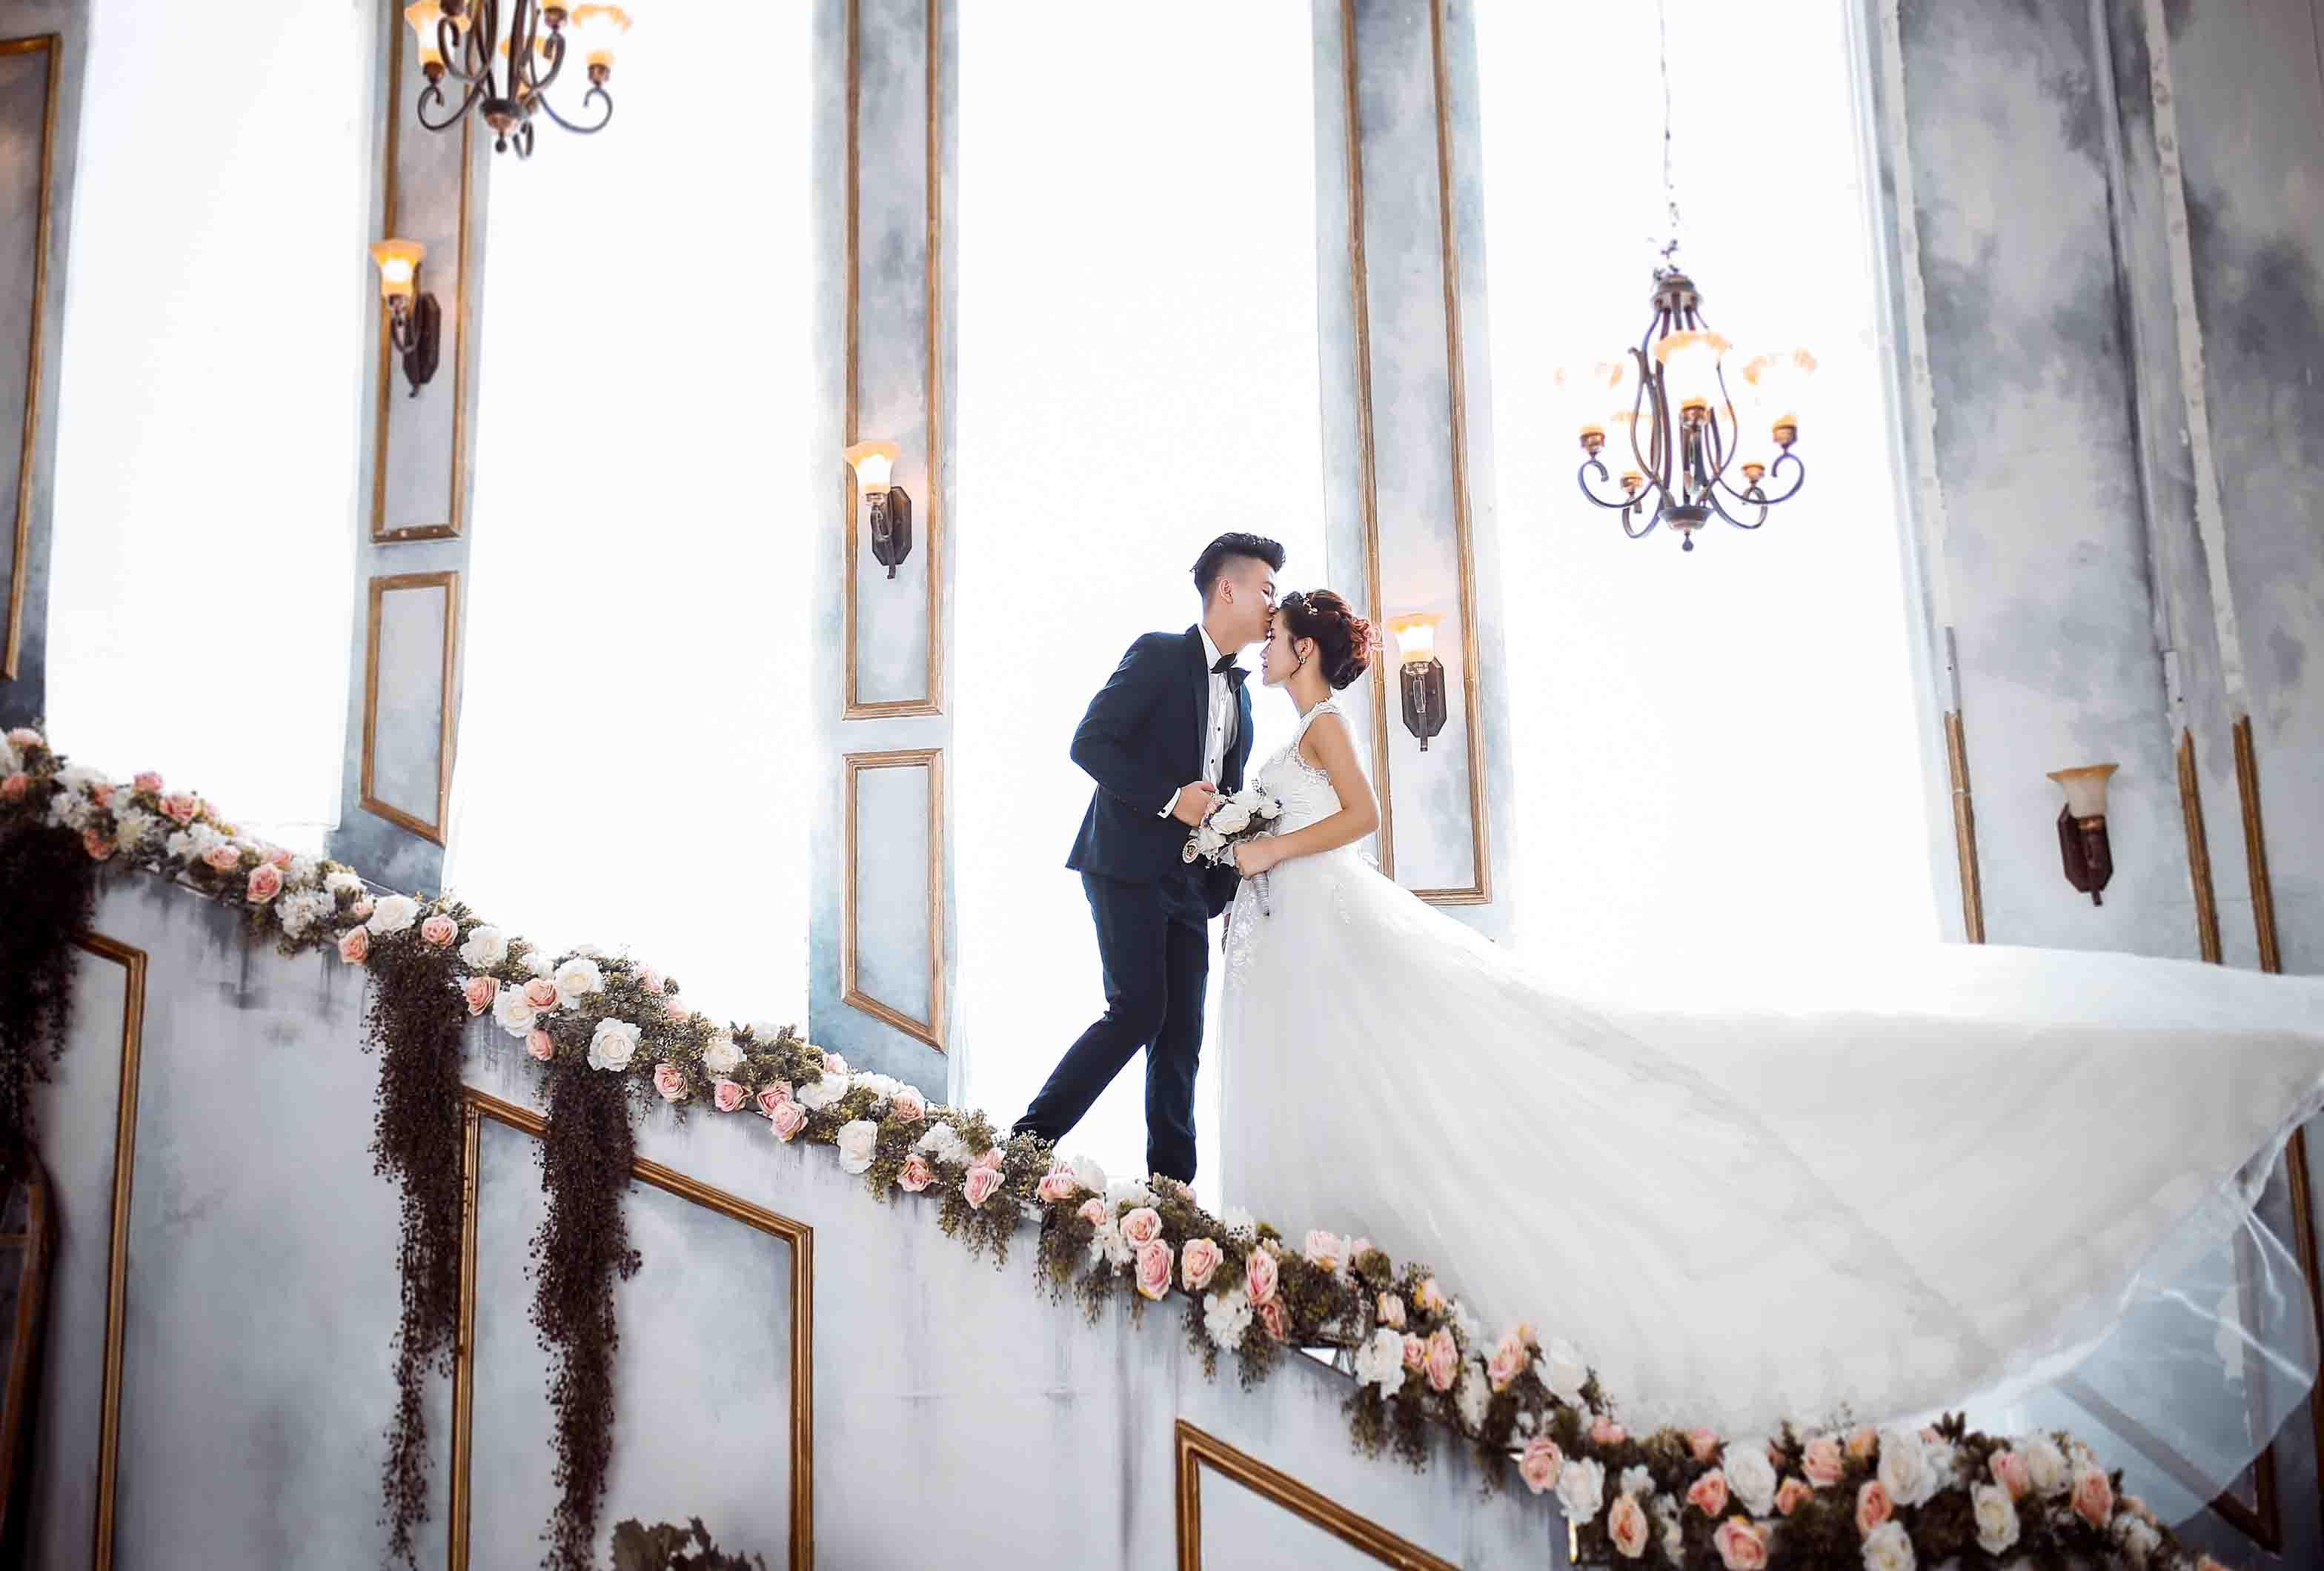 kinh nghiệm chụp ảnh cưới tại phim trường